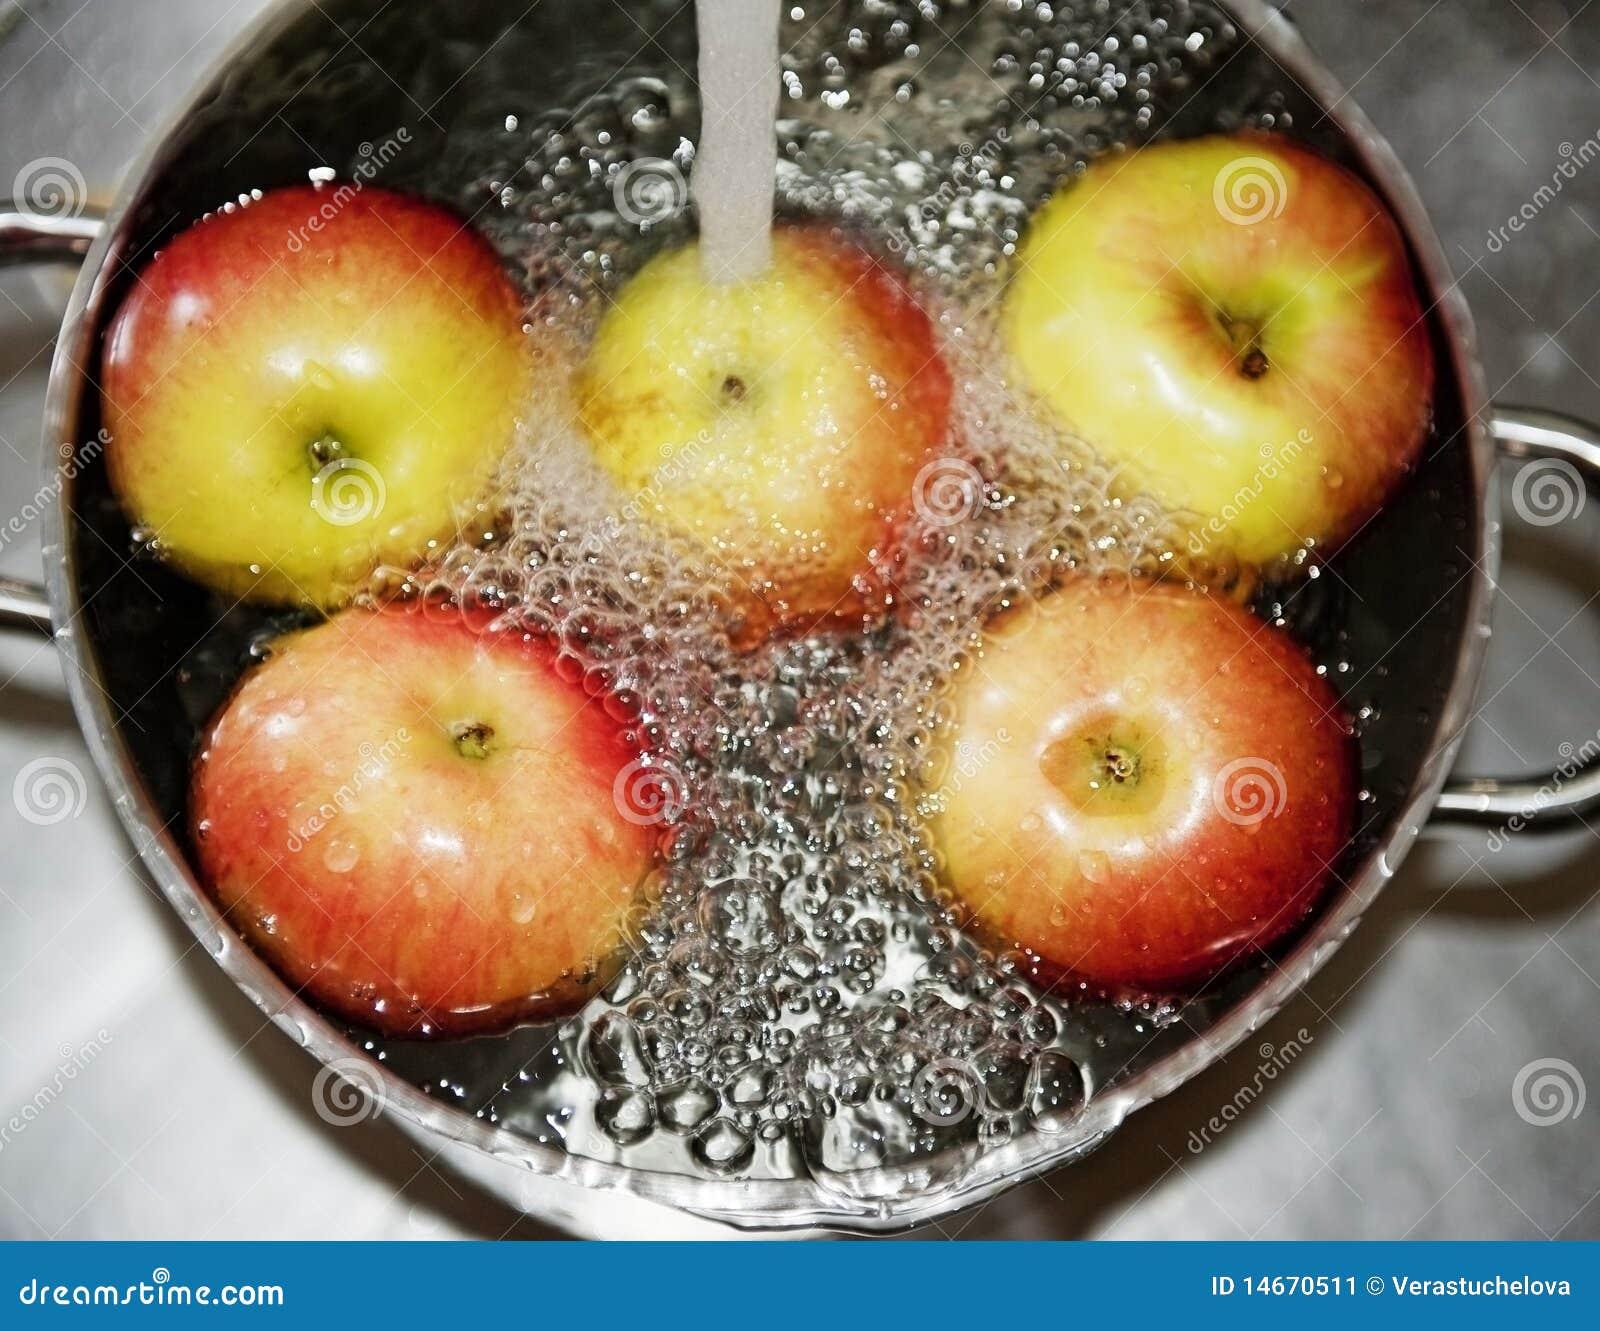 como cocinar manzanas